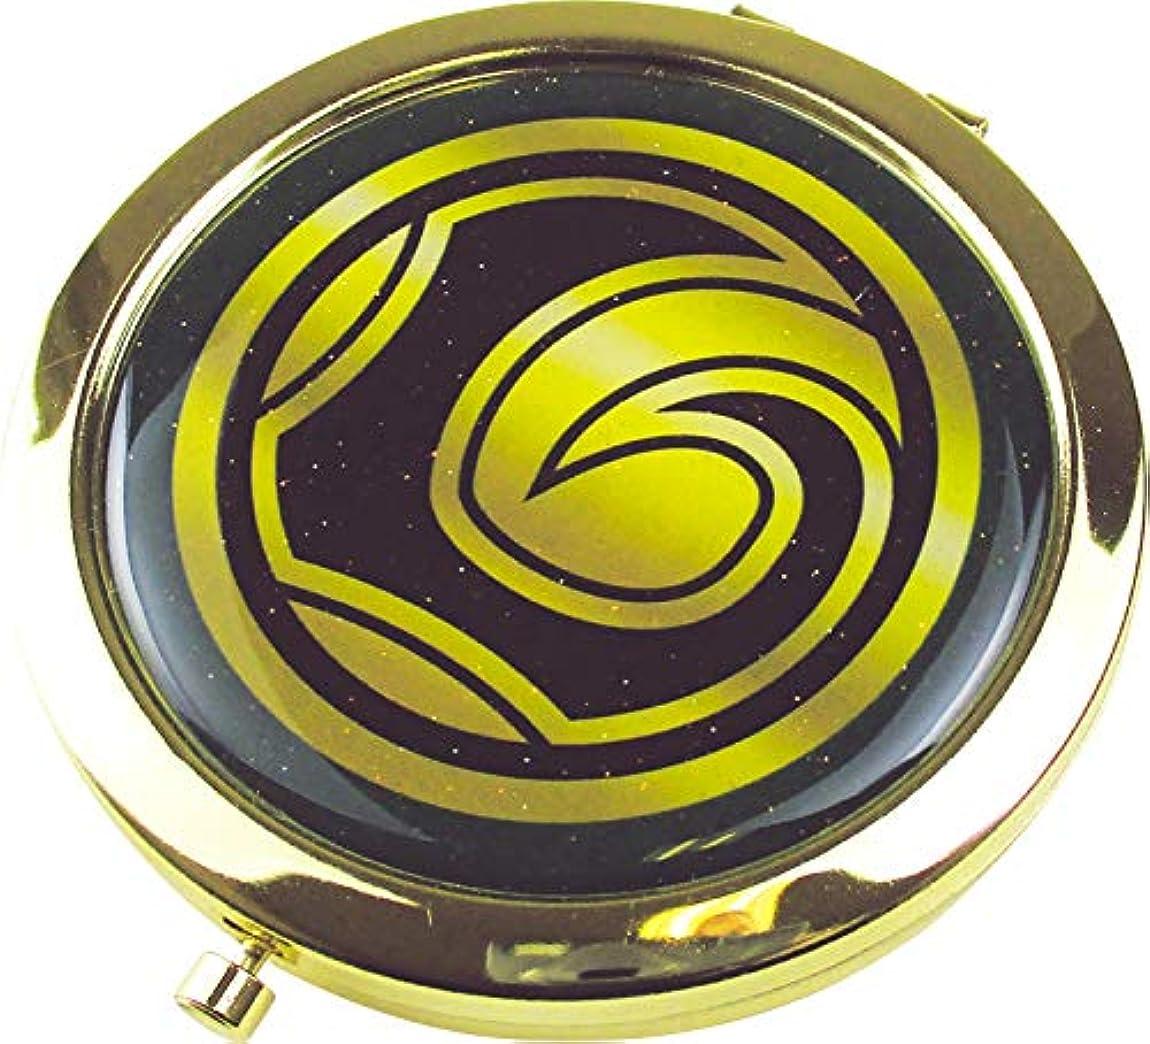 ティーズファクトリー Wコンパクトミラー マーベル ロキ 6.6×6.6×0.8cm MV-5537085LK